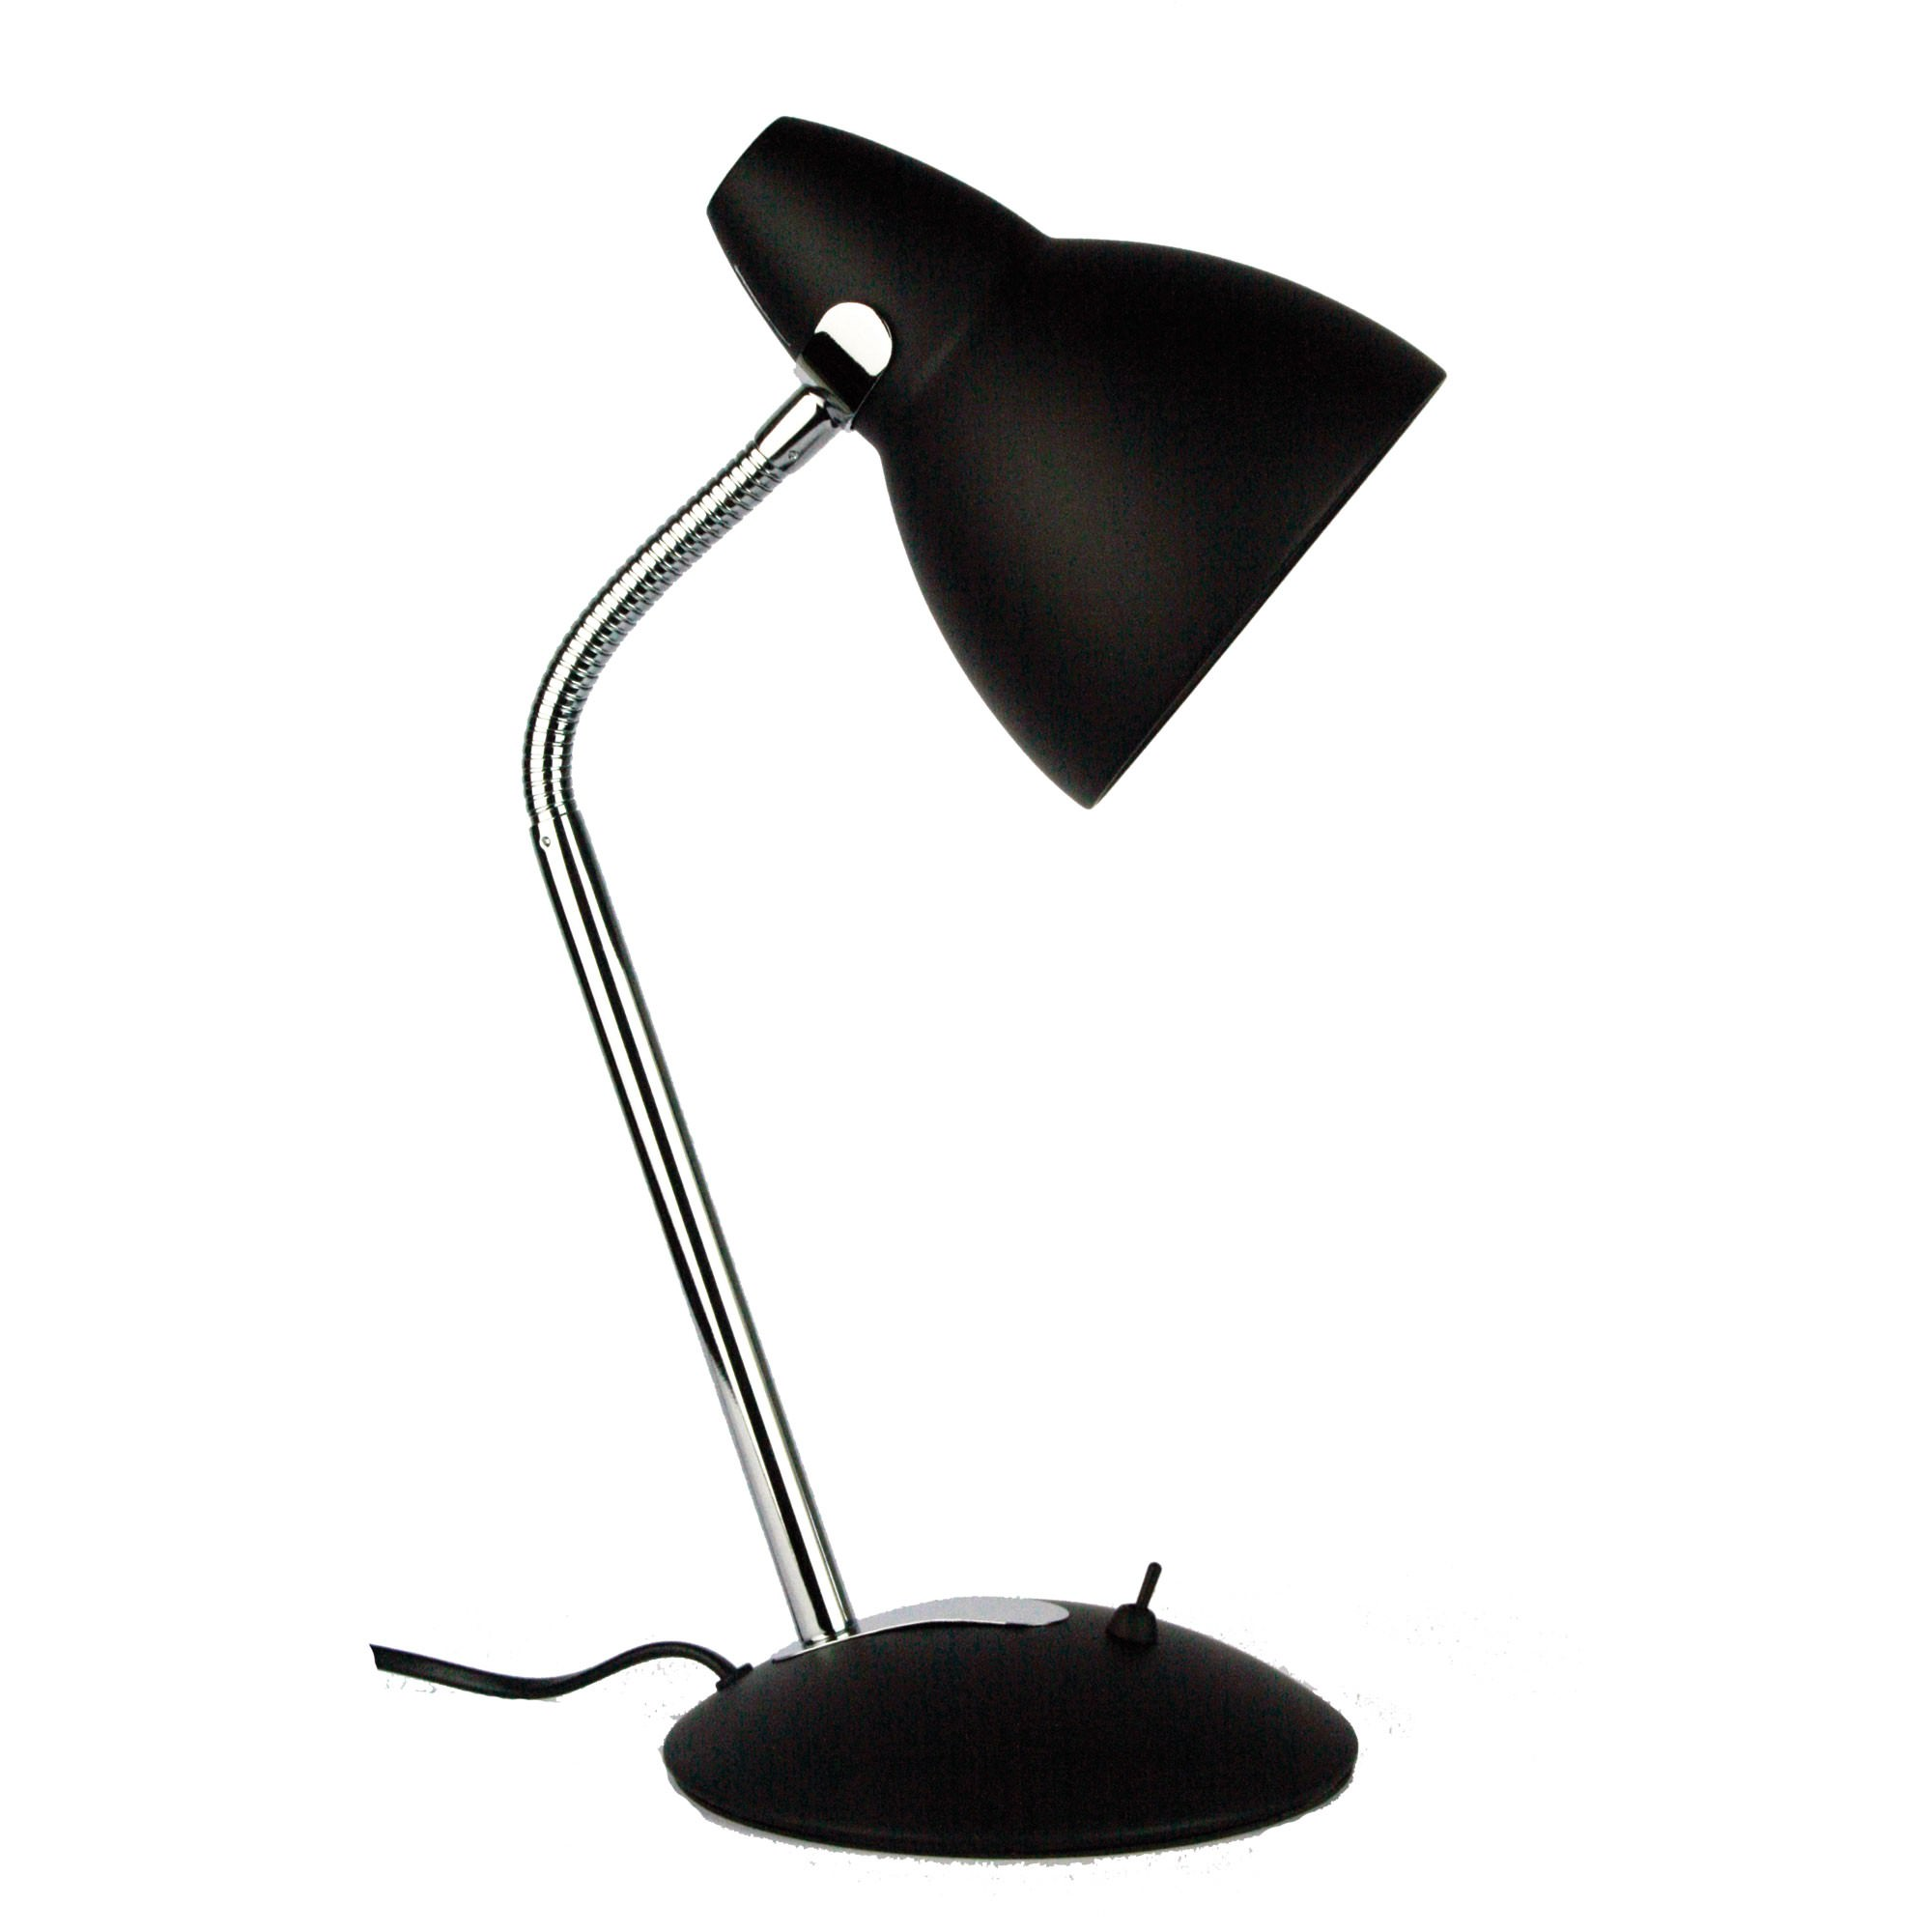 Trax Metal Desk Lamp, Black